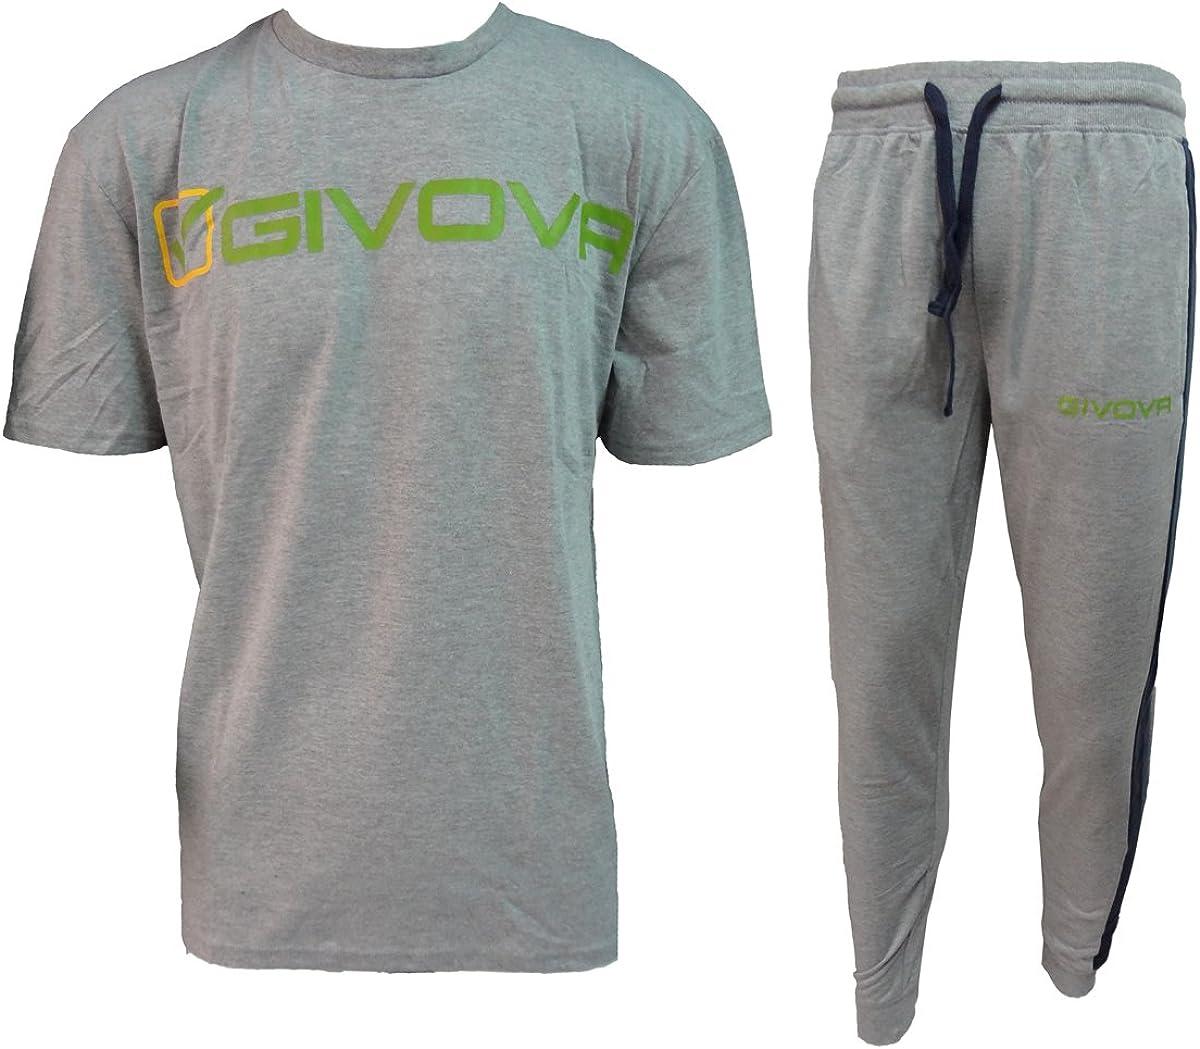 G501 givova Tuta Uomo Pantalone Lungo Mezza Manica 100/% Cotone Art